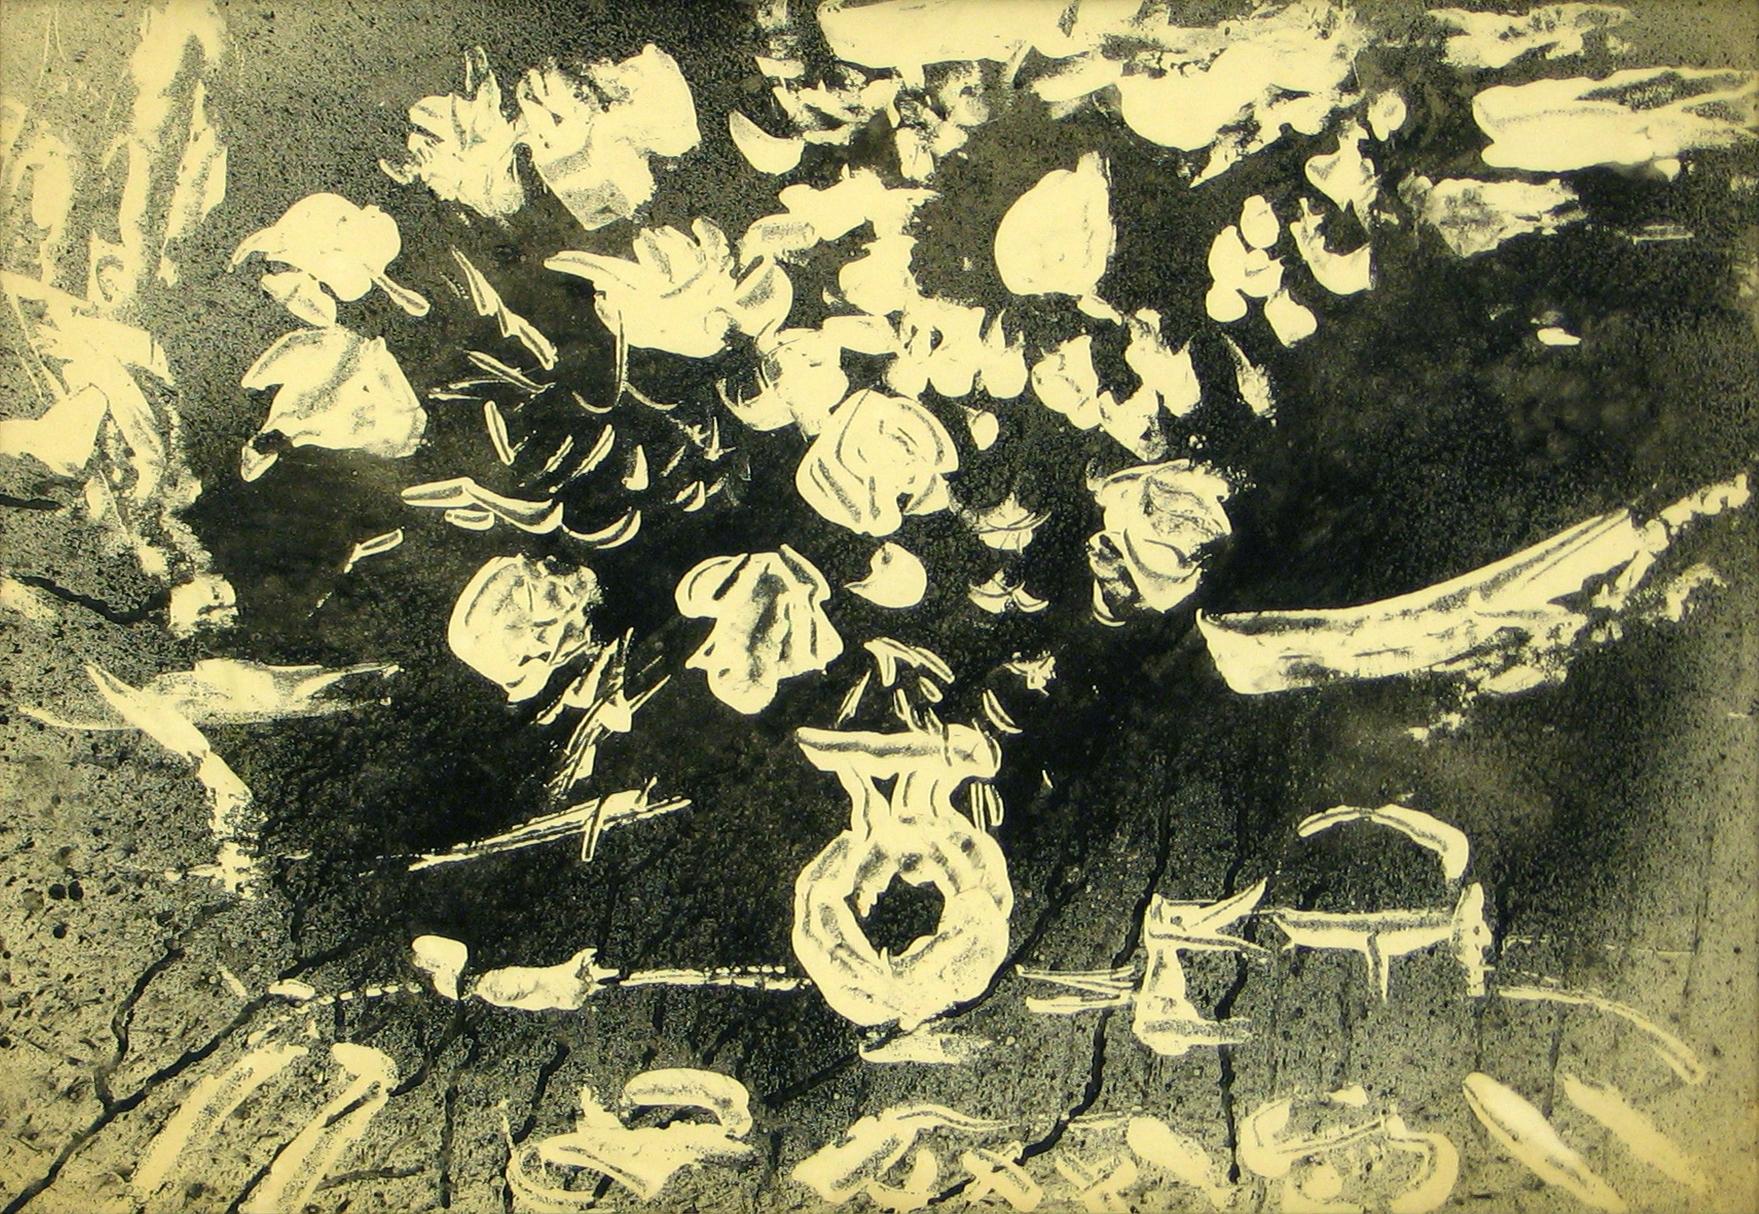 43-17kn.jpg (1759×1214)